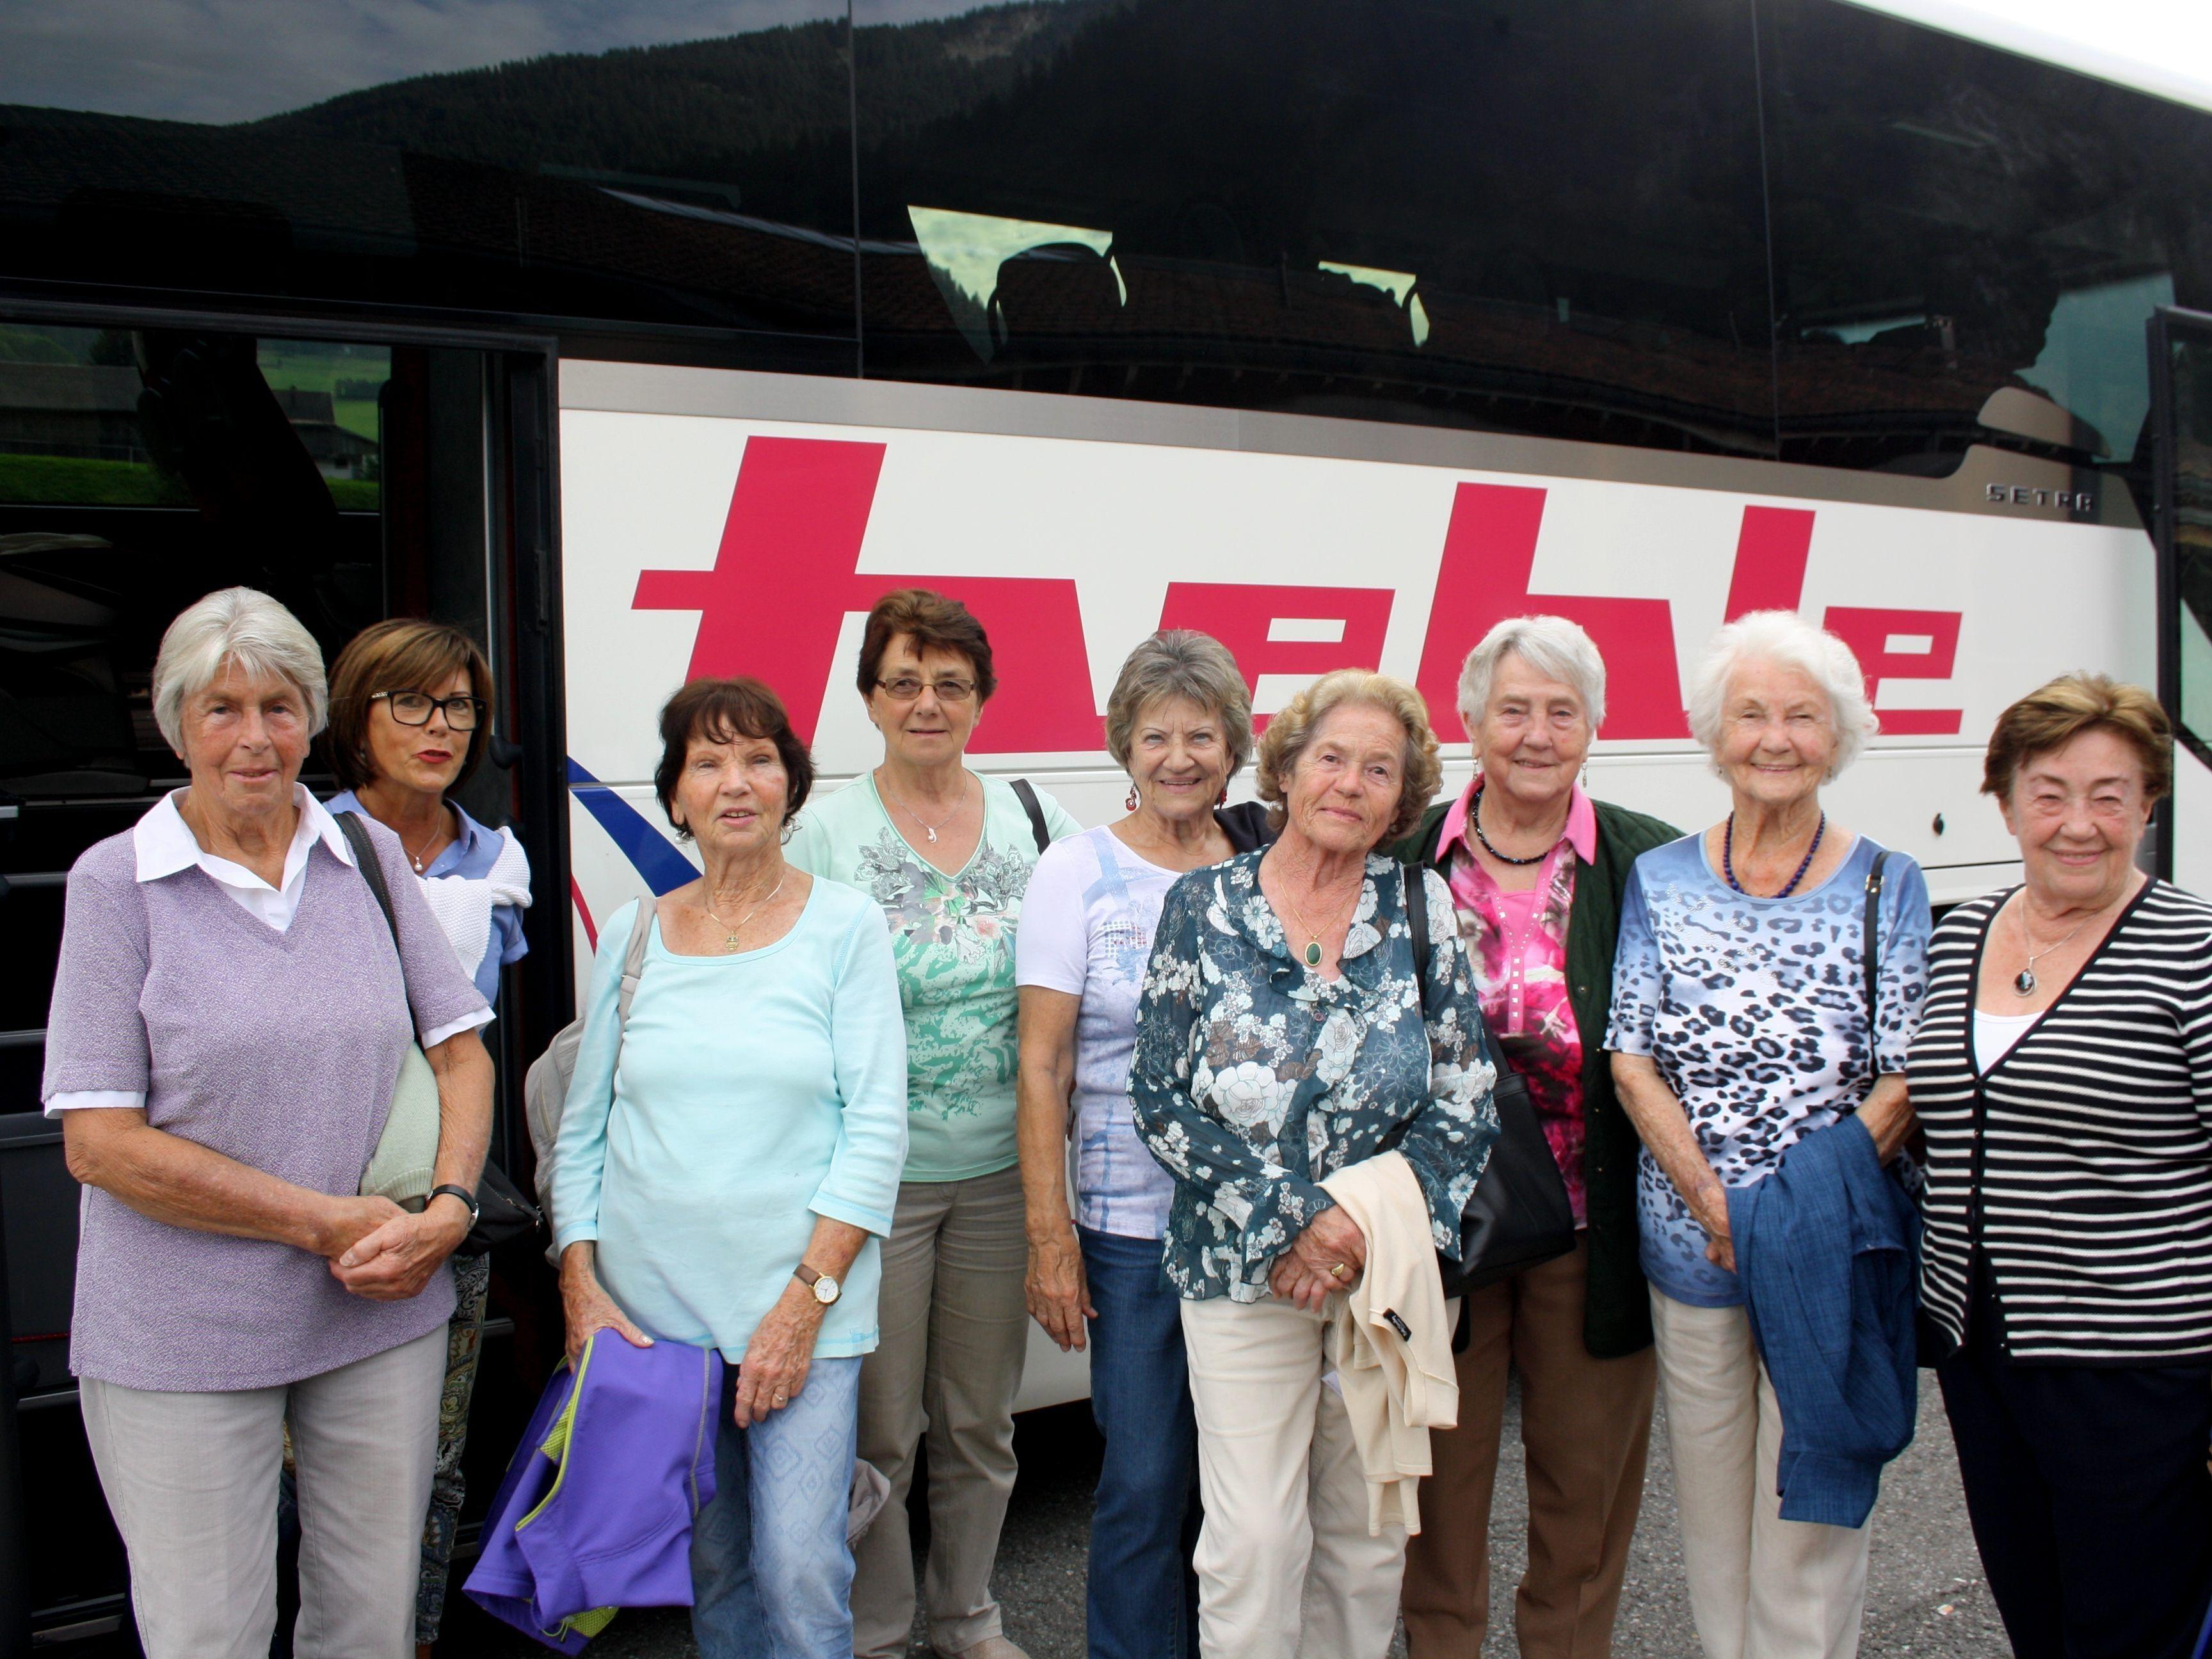 partnersuche senioren aus ruhmannsfelden